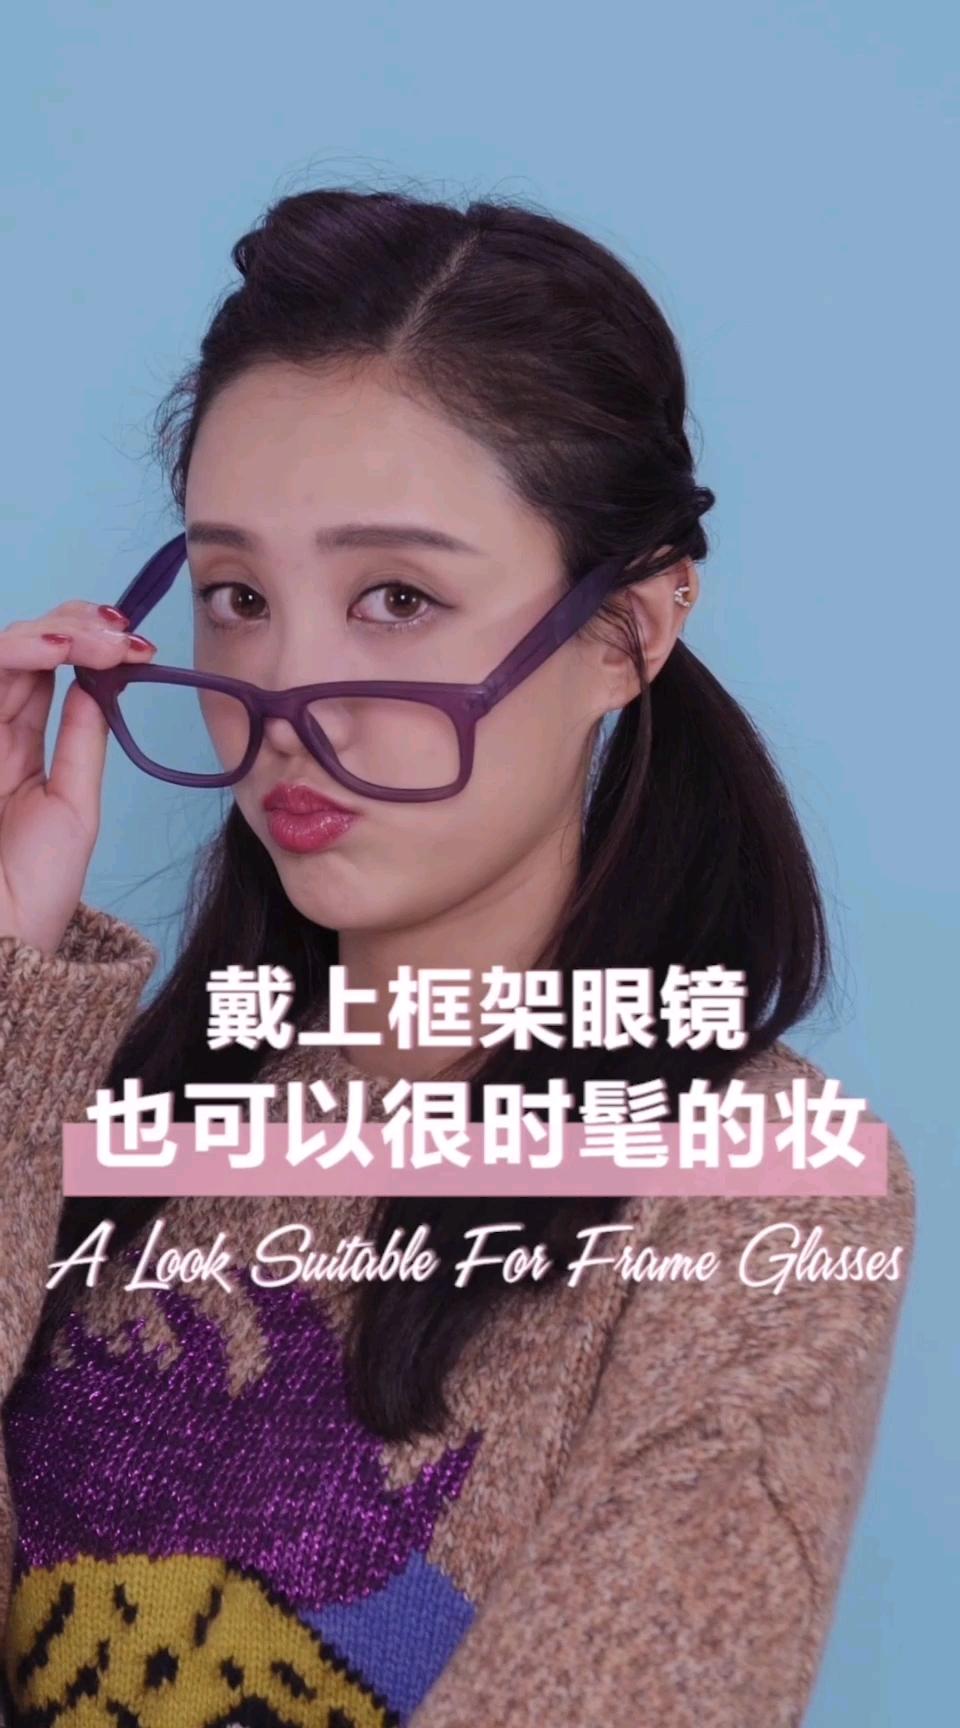 一定要学的超实用眼镜妆,近视眼也可以美美哒! #眼镜妆#你们戴眼镜的时候会化妆吗?